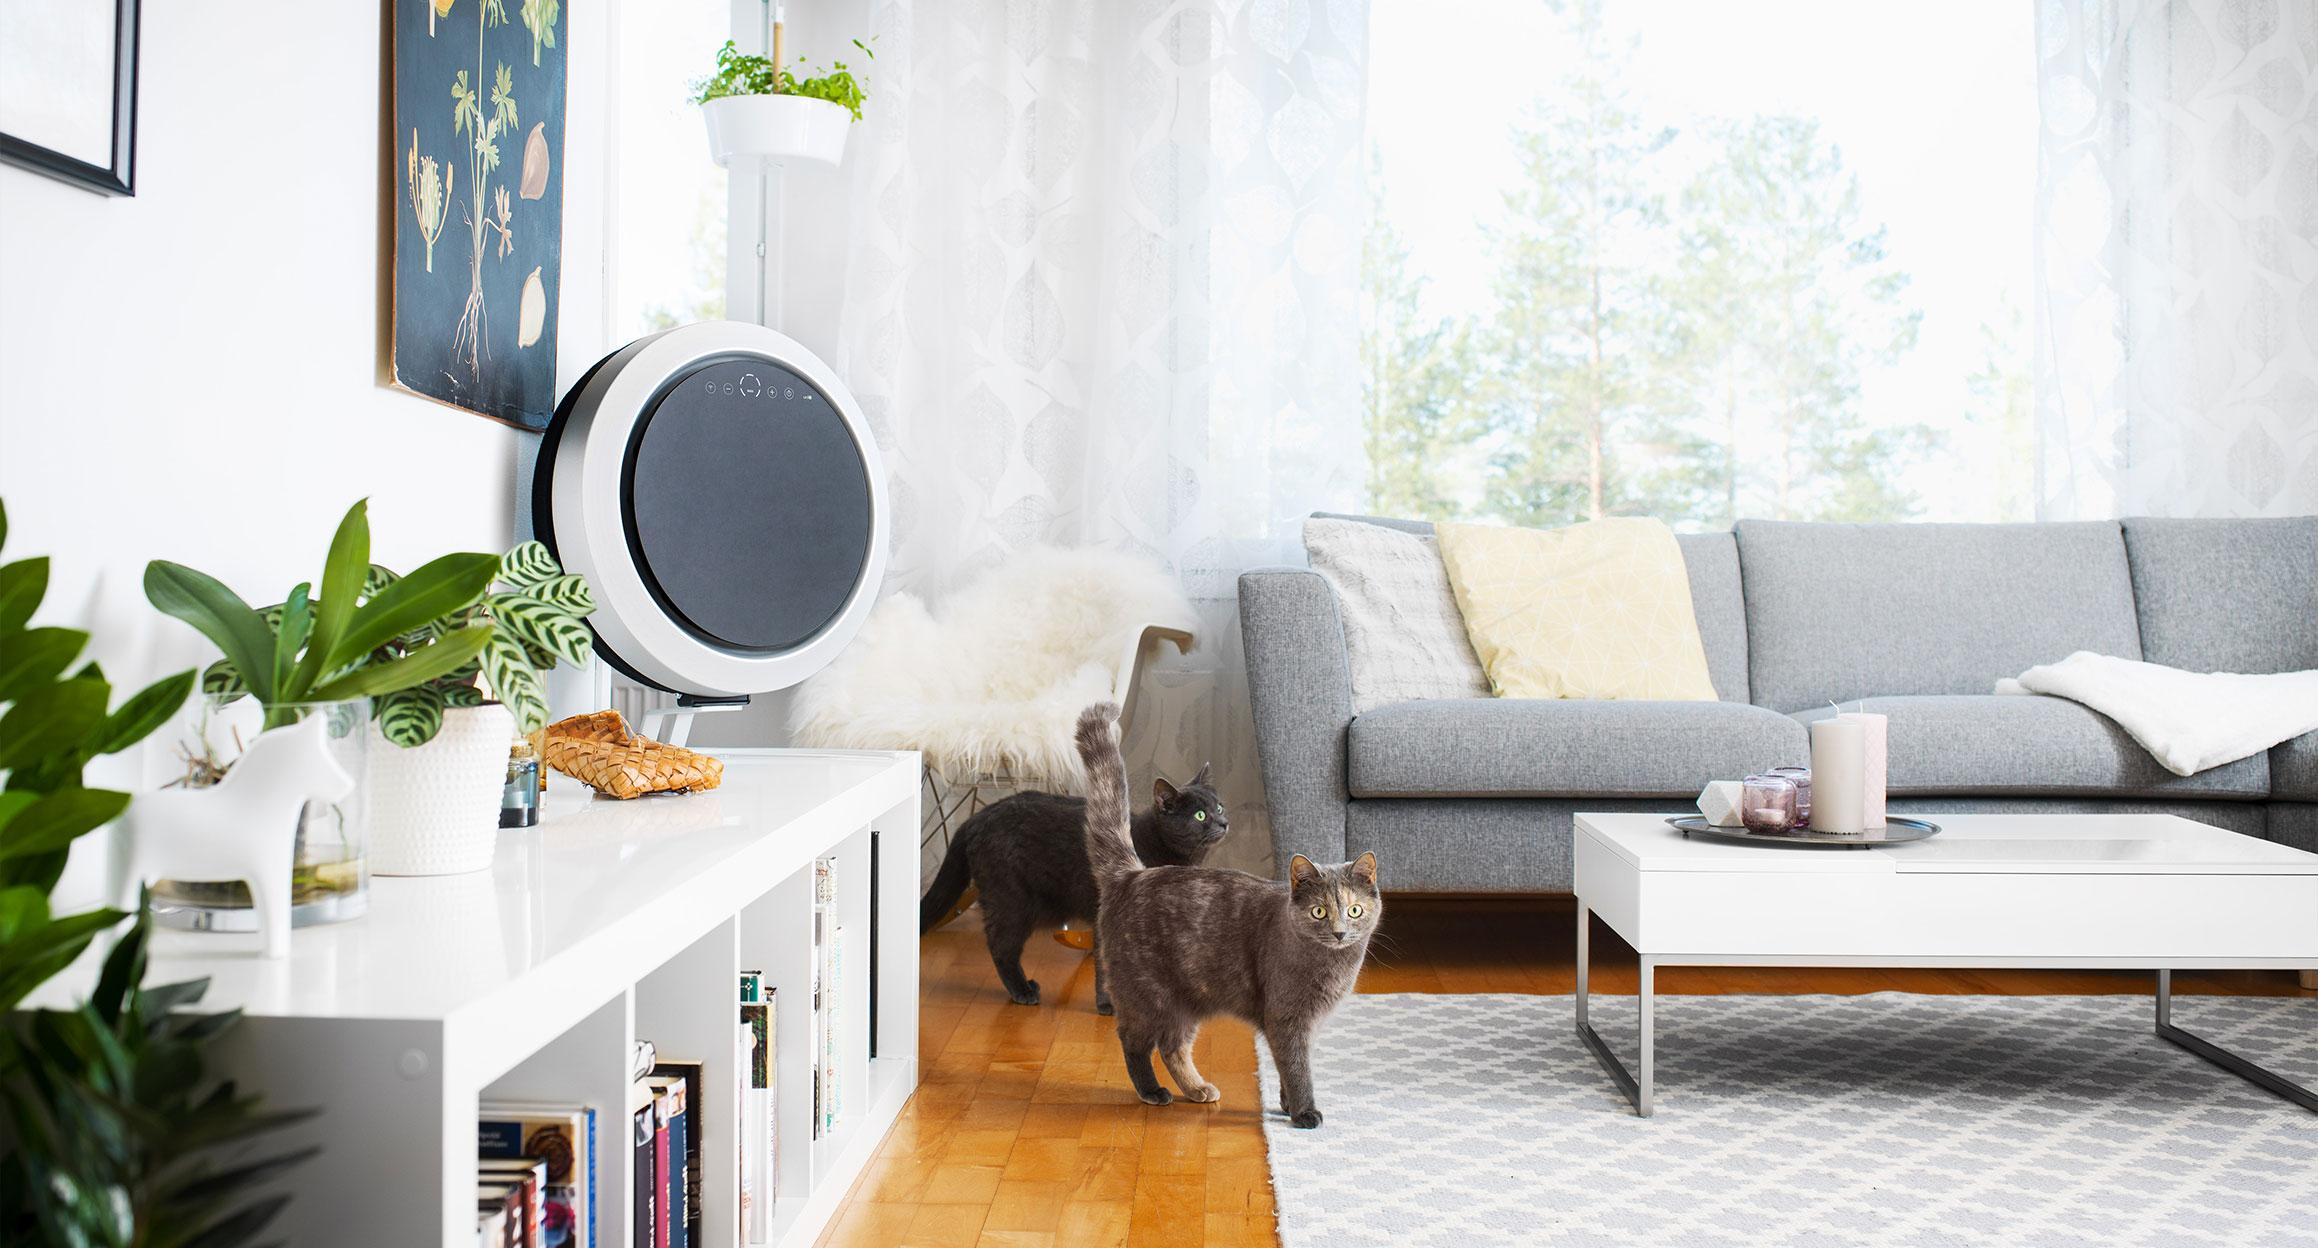 Uniq ilmanpuhdistin ja kissat